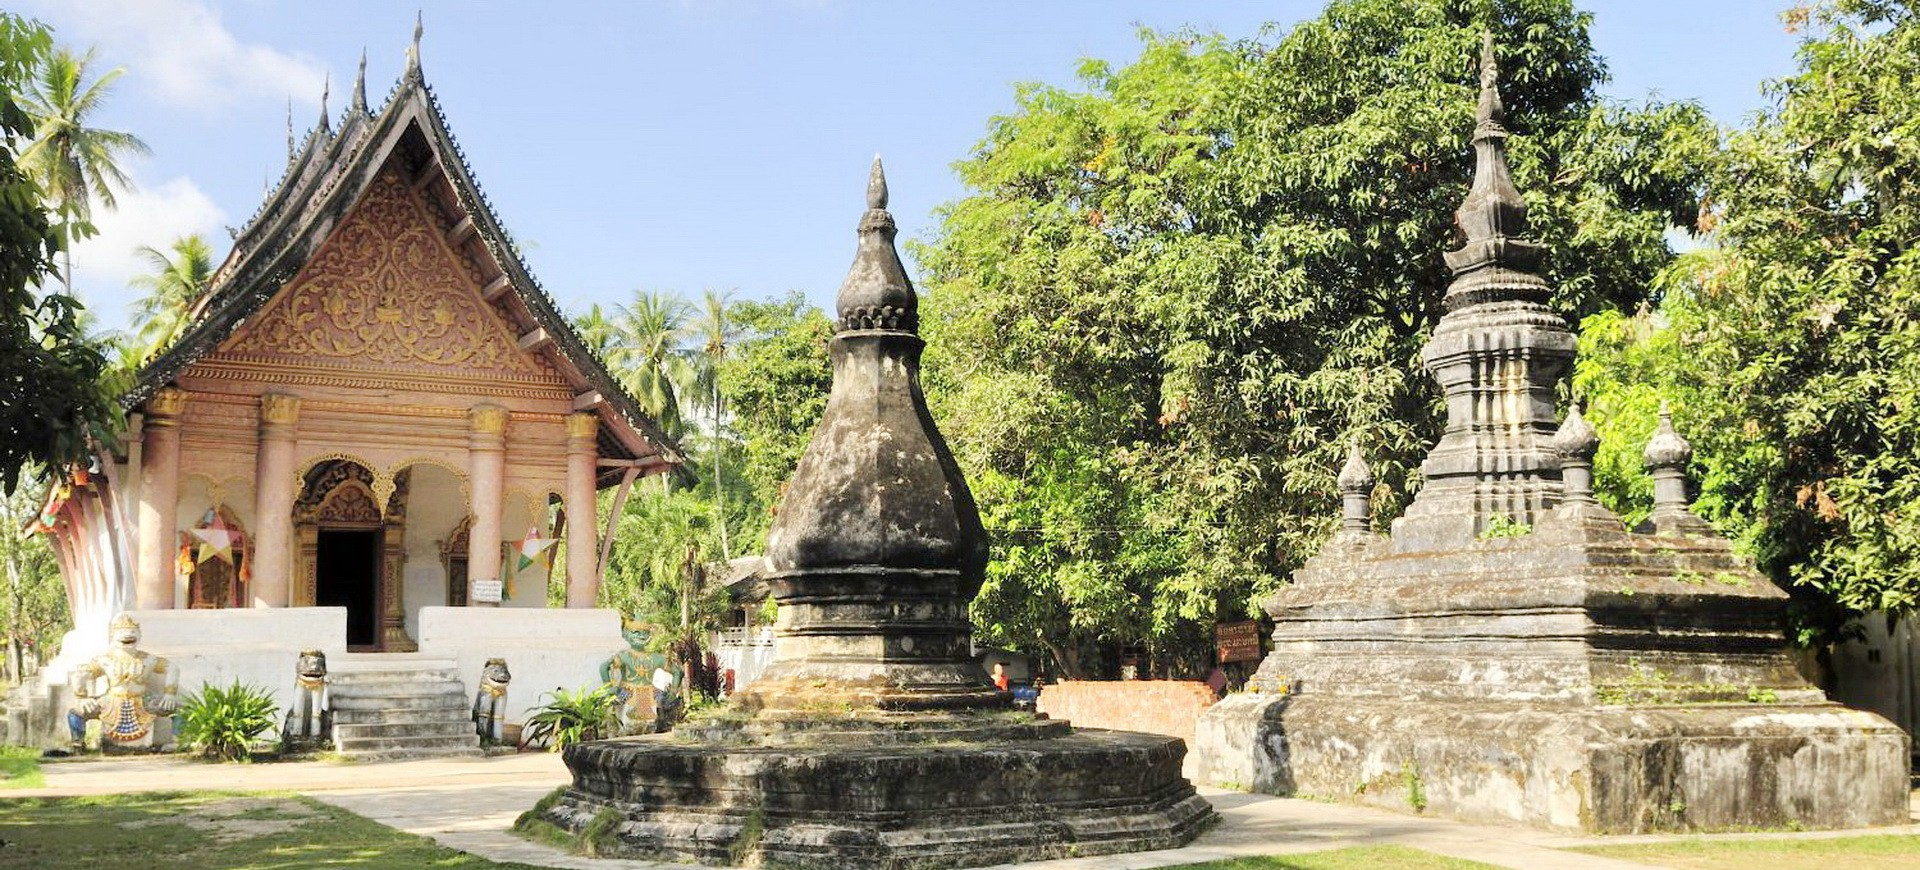 Laos Luangprabang Wat Aham 001